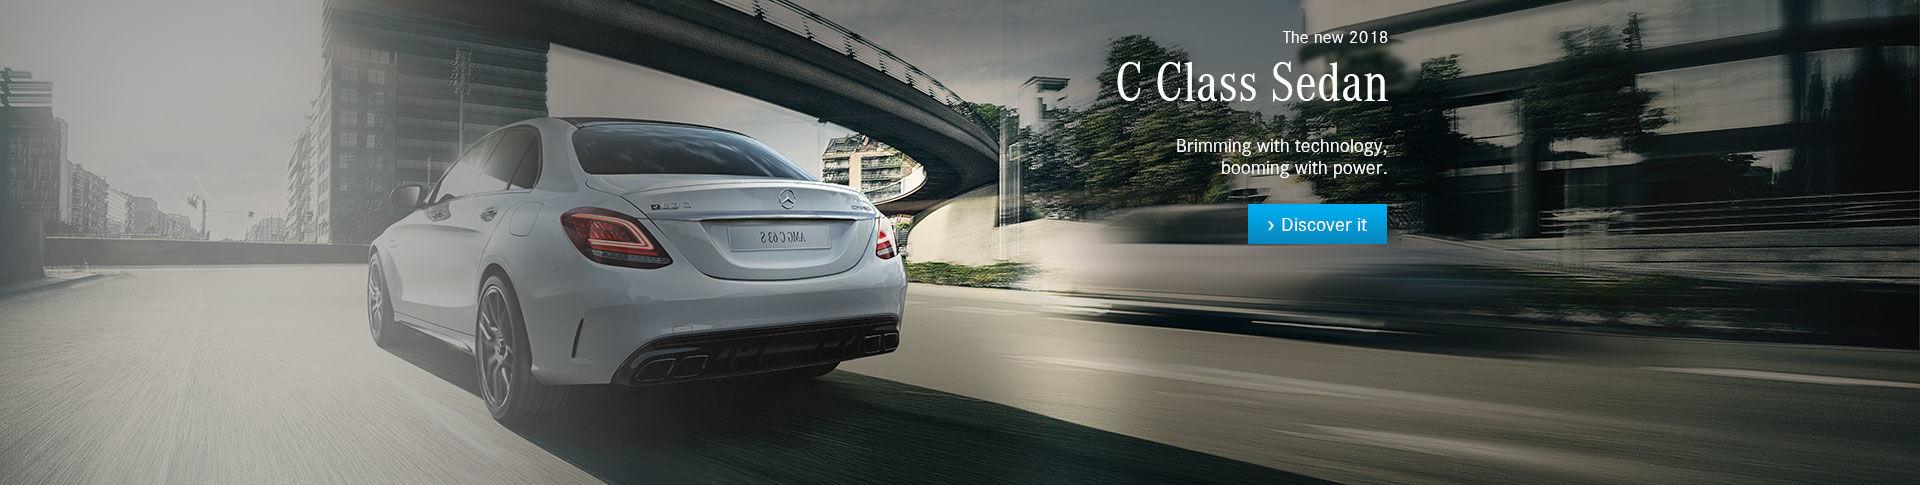 C Class Sedan